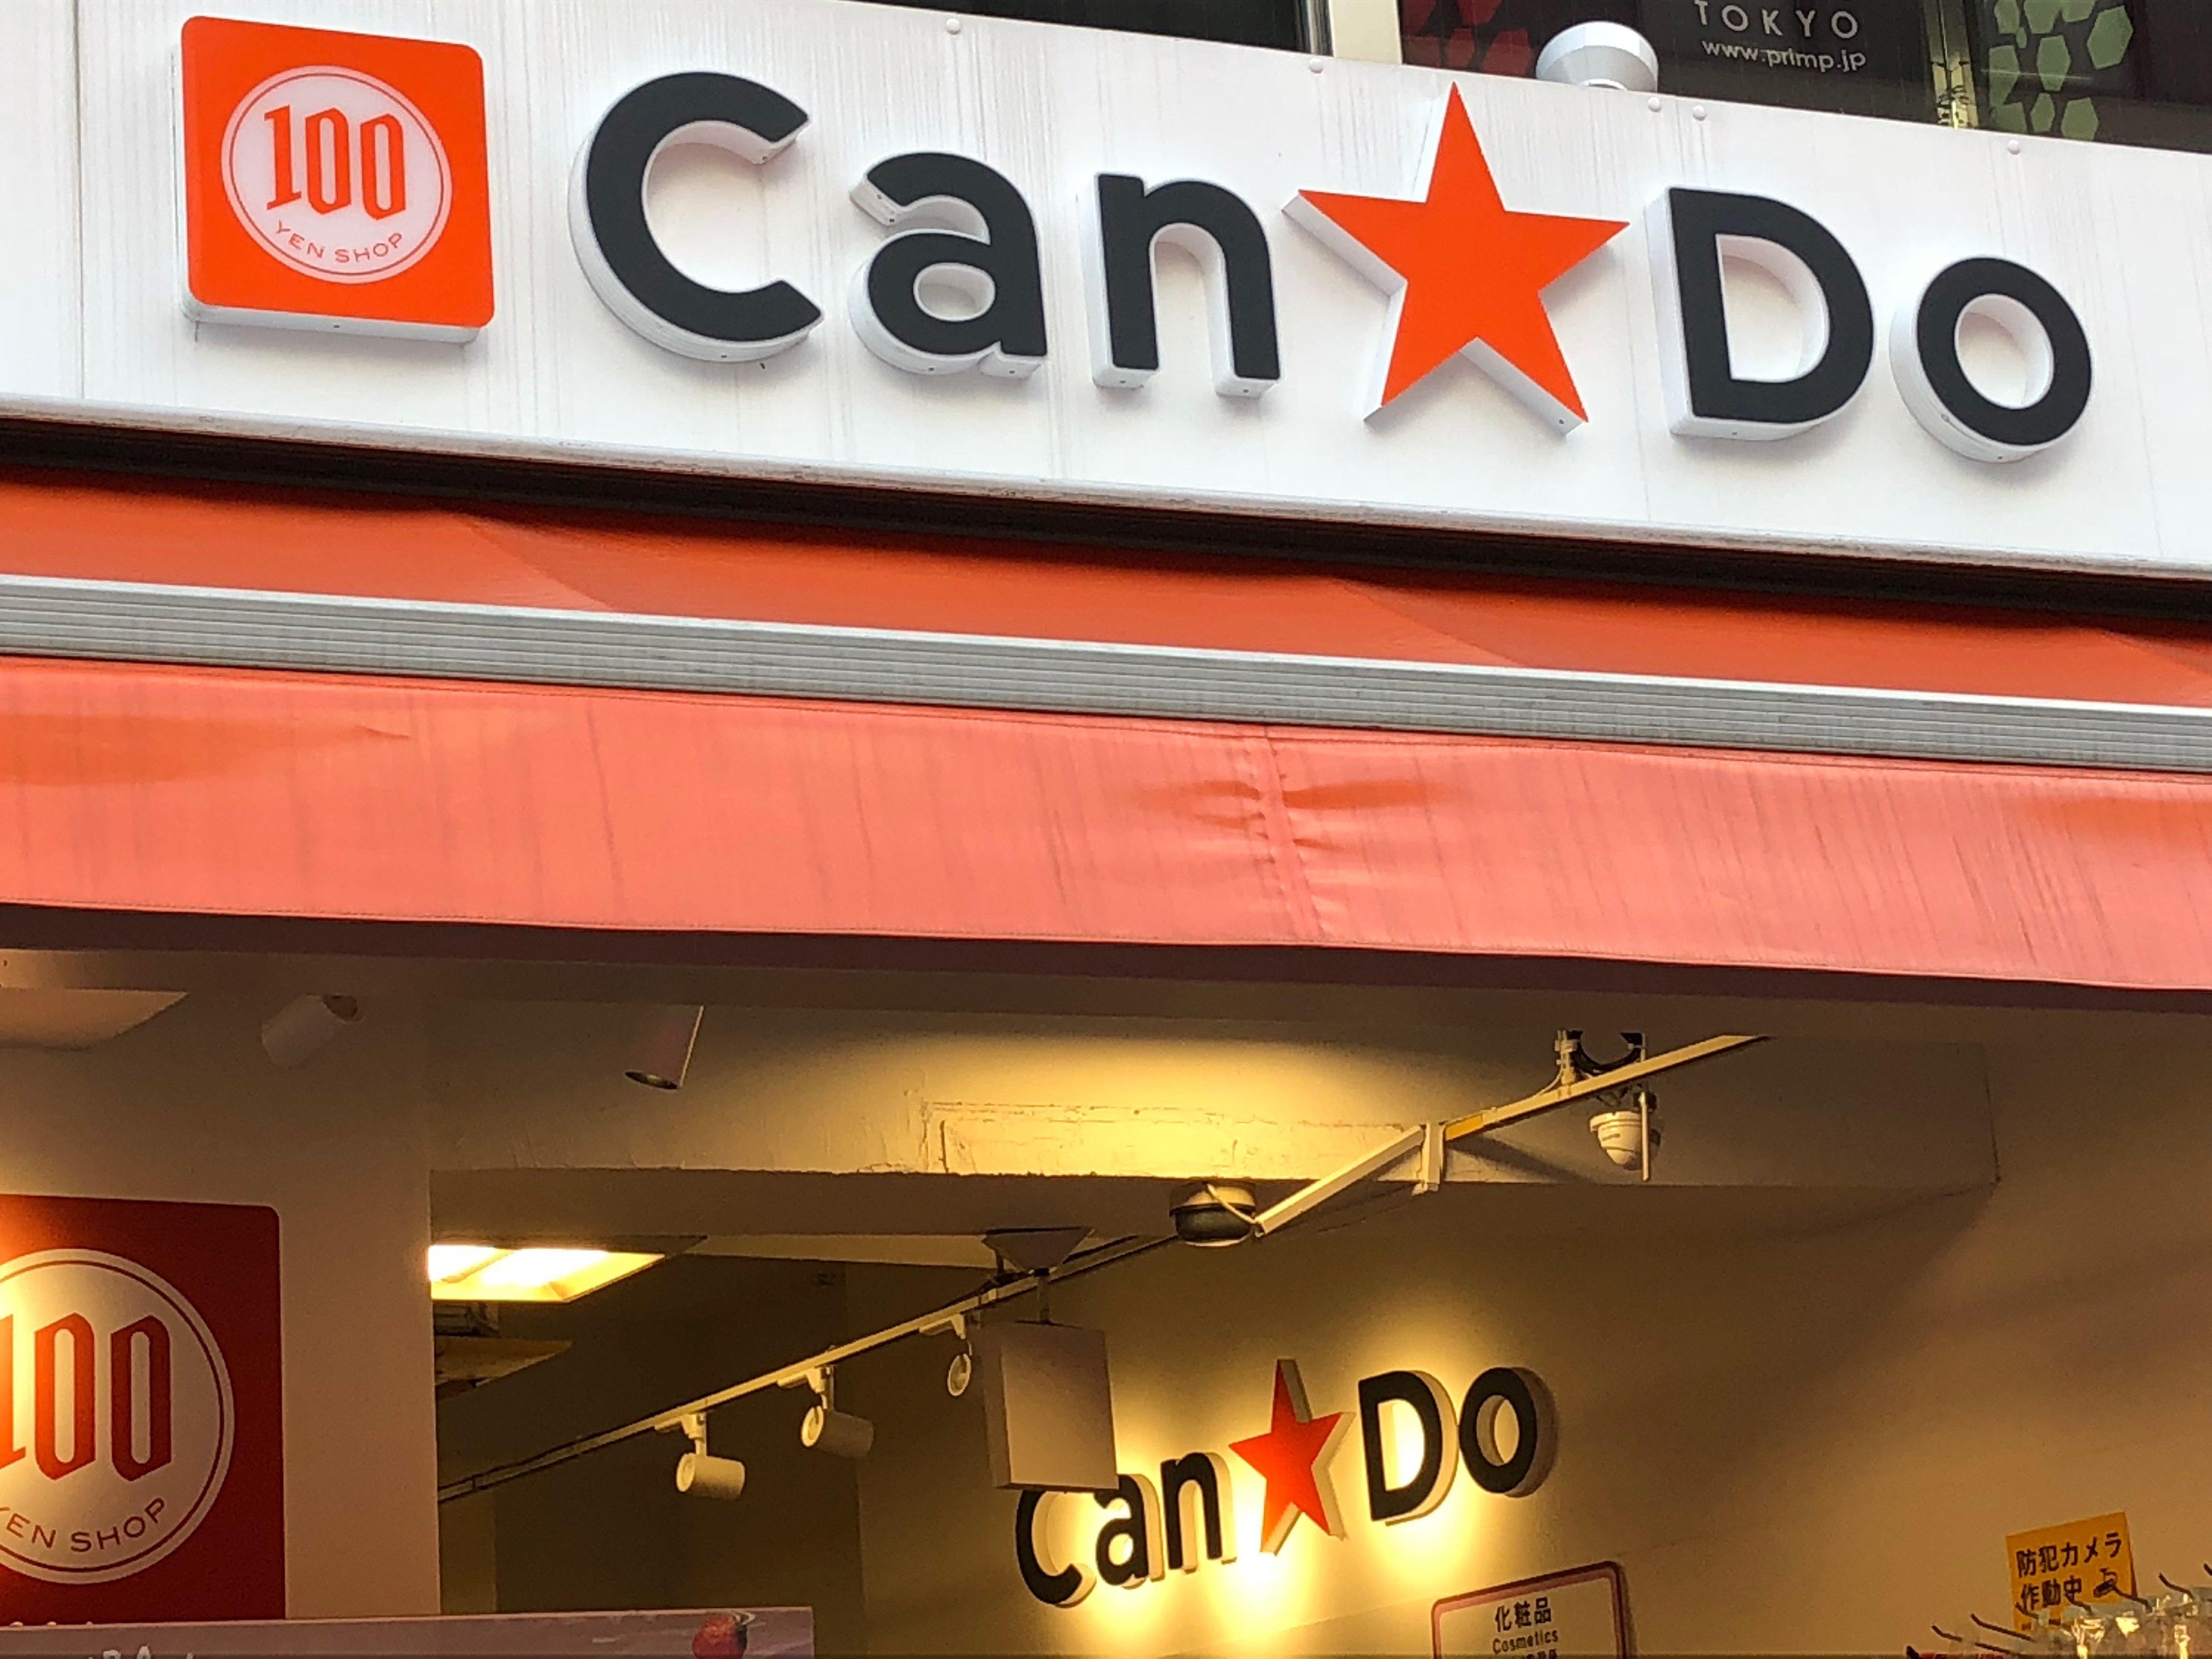 100円ショップ運営「キャンドゥ」2018年9月既存店は前年越えも通期業績は下方修正